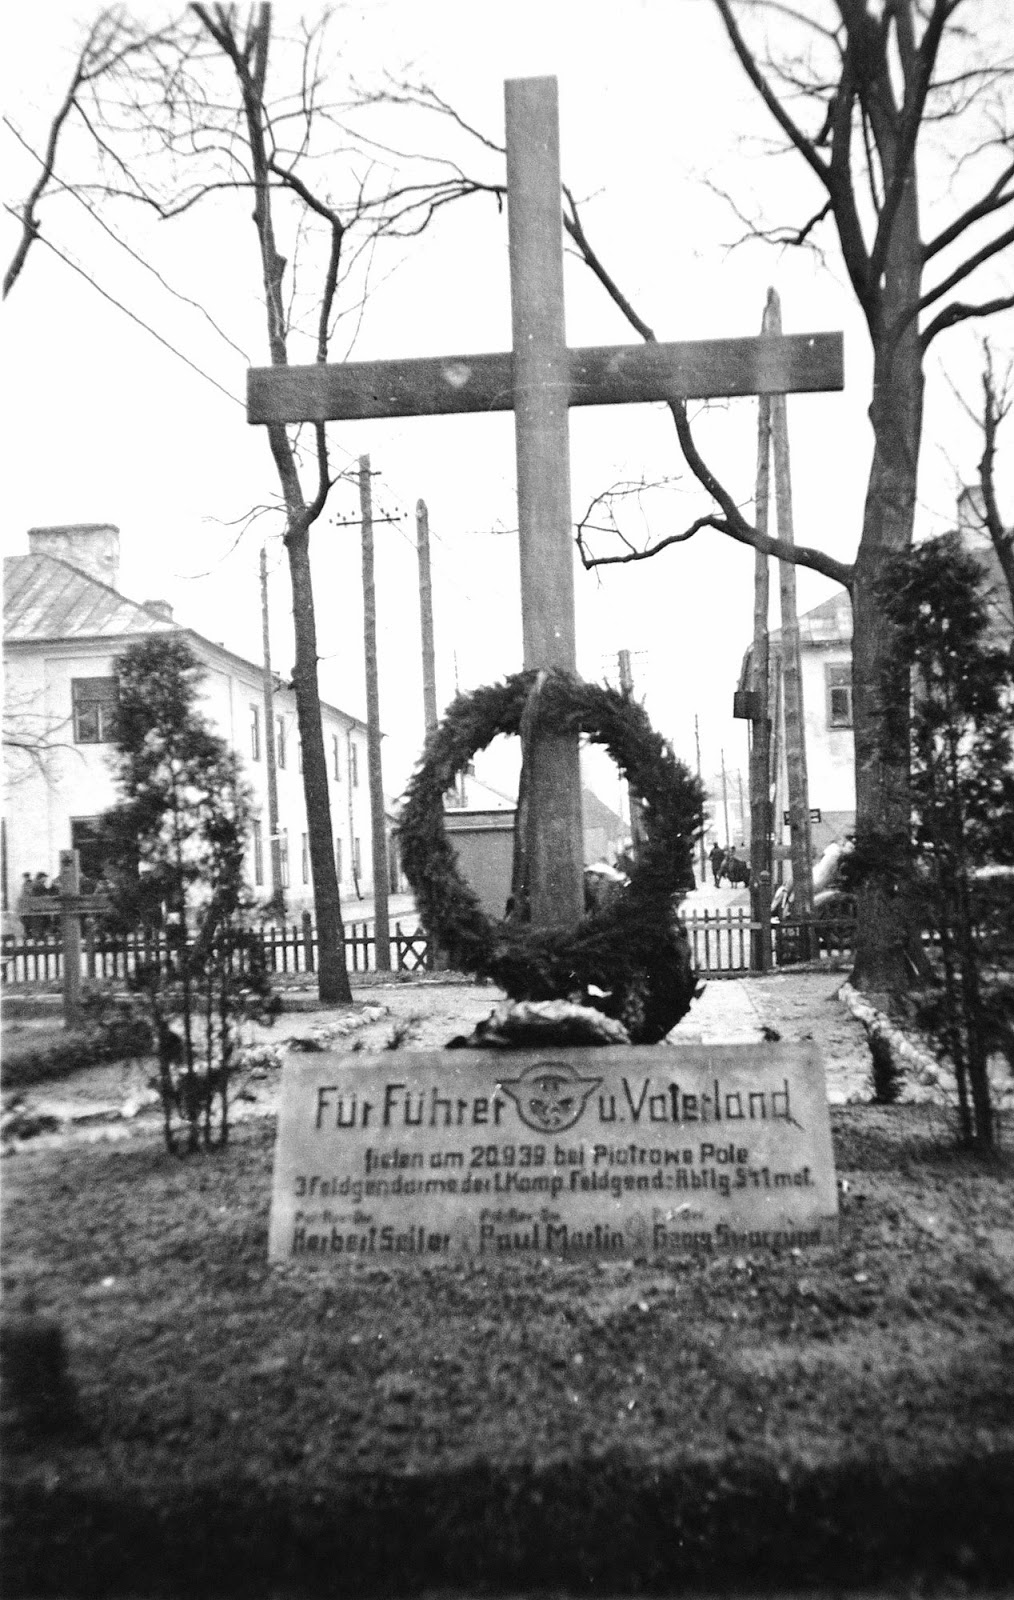 Ehrenfriedhof Konskie. Kamienna tablica poświęcona poległym dnia 20.9.1939 pod Piotrowym Polem koło Iłży trzem żandarmom polowym z 1. kompanie/Feldgendarmerie Abteilung 541 mot. Fotografia z kolekcji Tomasza Glińskiego.